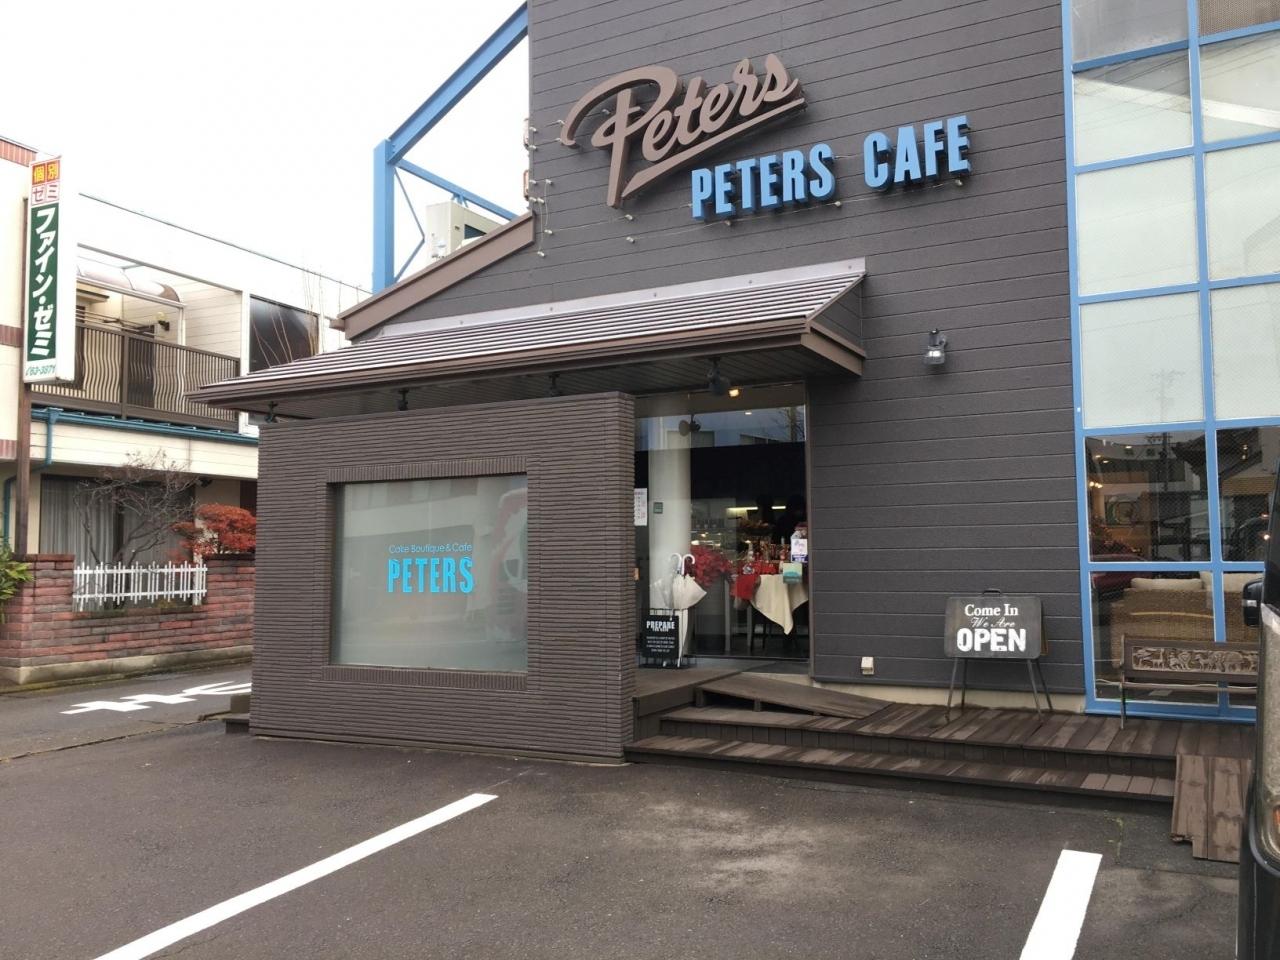 ケーキ食べに来ました~ ピータースです。次々にお客さんがきていました。